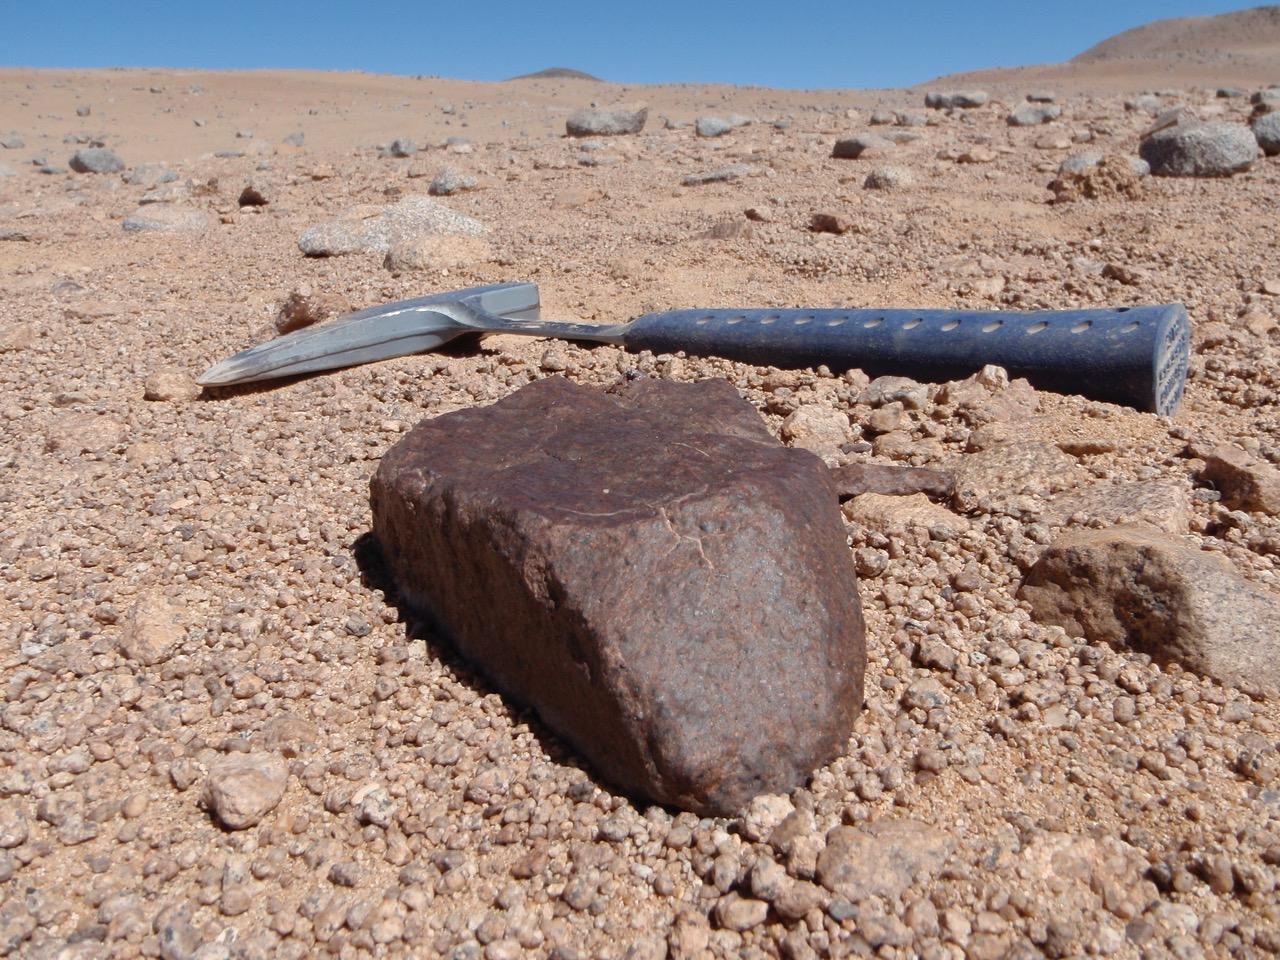 una delle meteoriti più grandi trovate nella ricerca. Fonte: Jérôme Gattacceca (CEREGE)